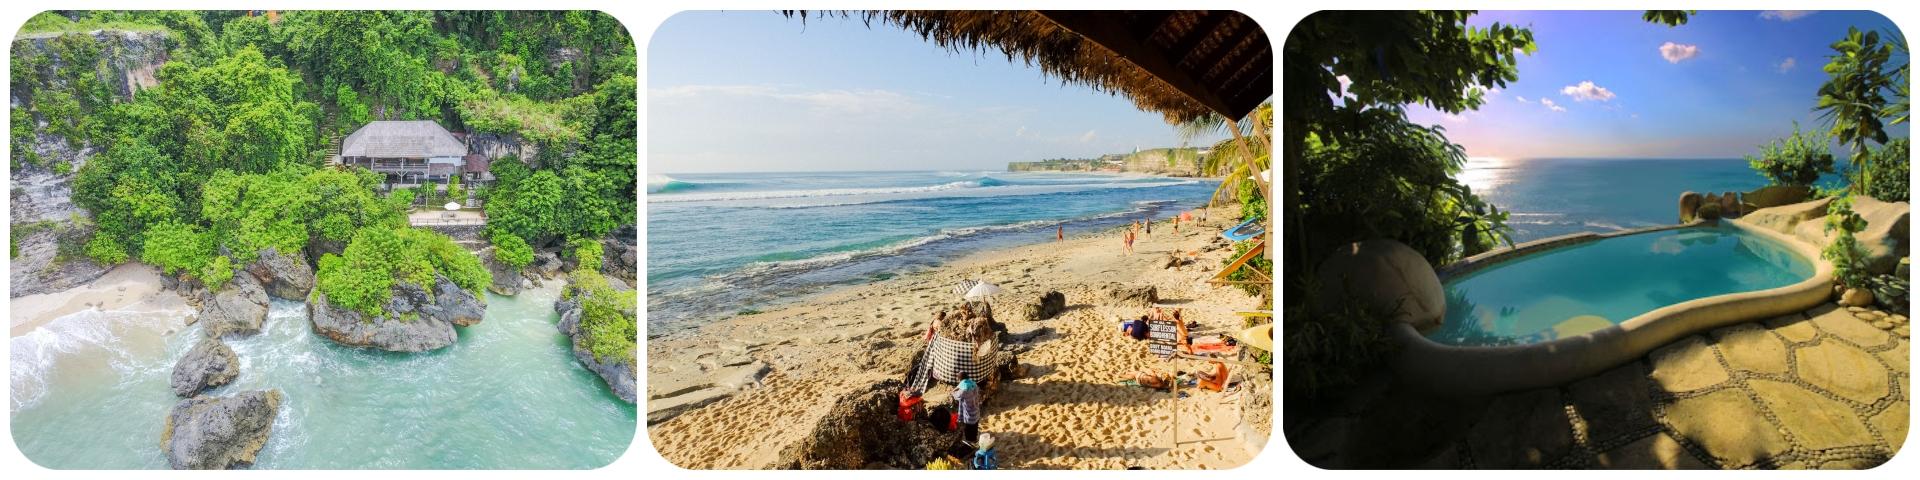 ساحل بینگین بالی، اندونزی